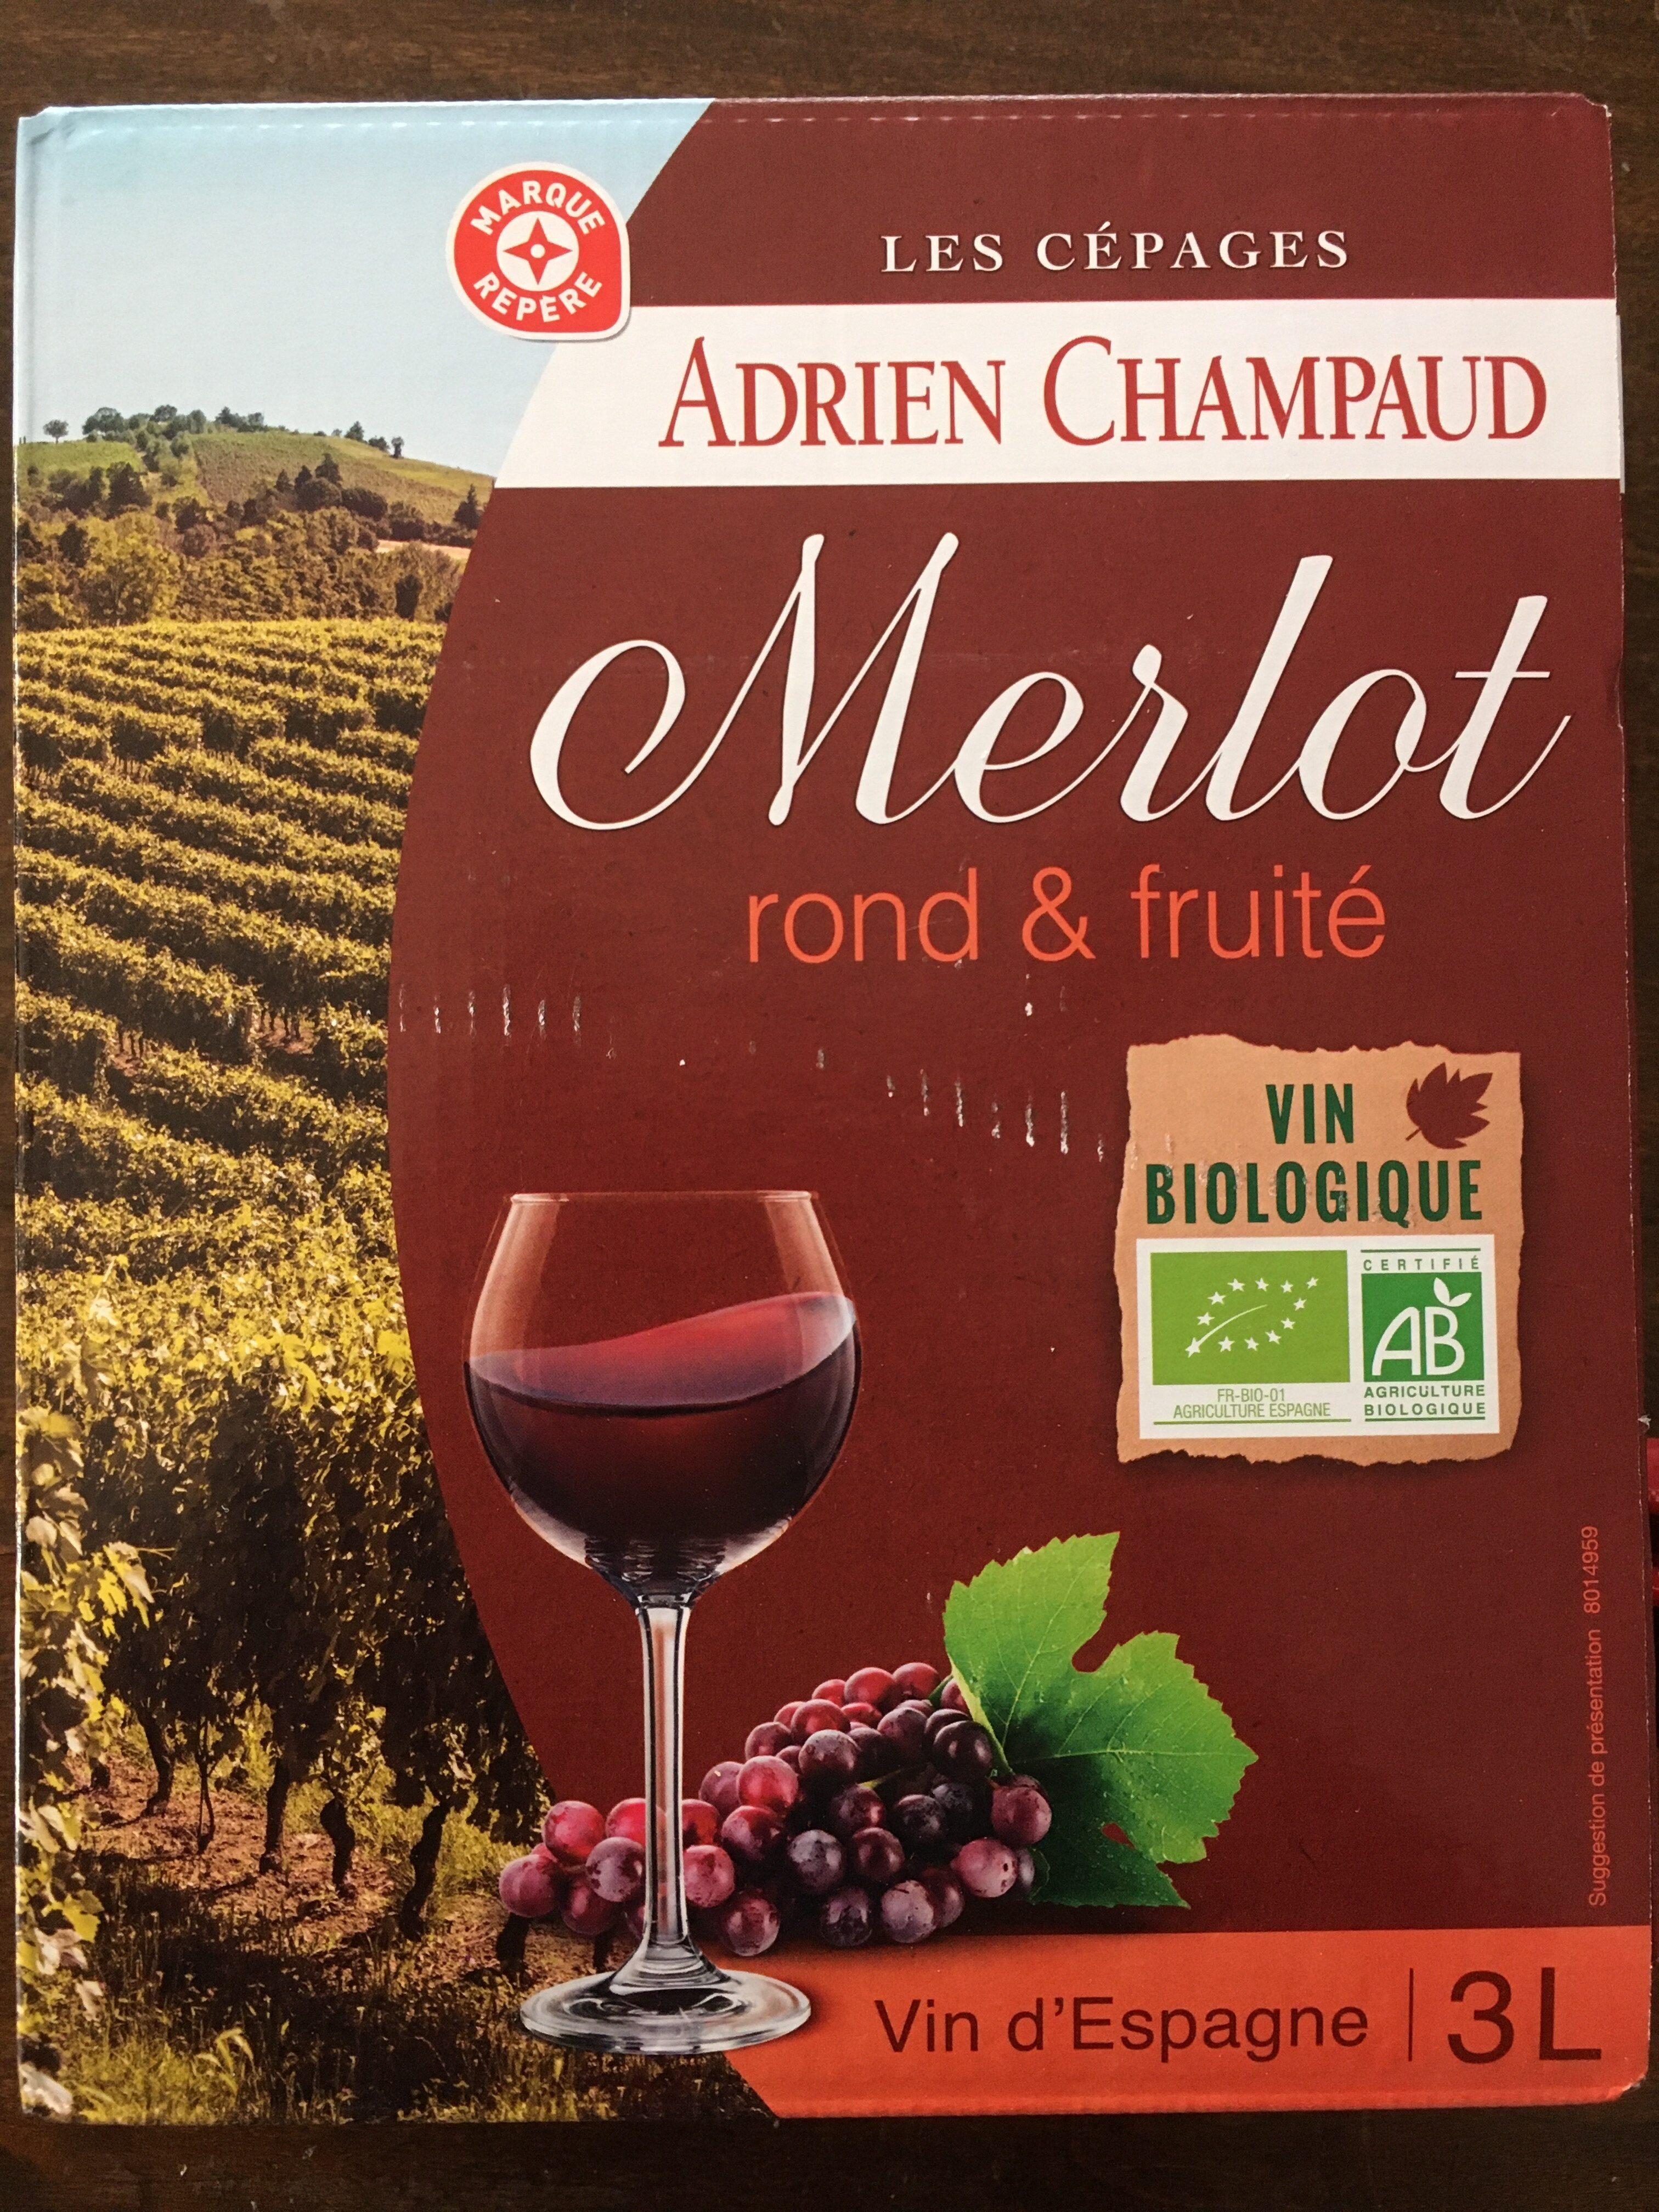 Adrien Champaud Merlot rond & fruité - Product - fr